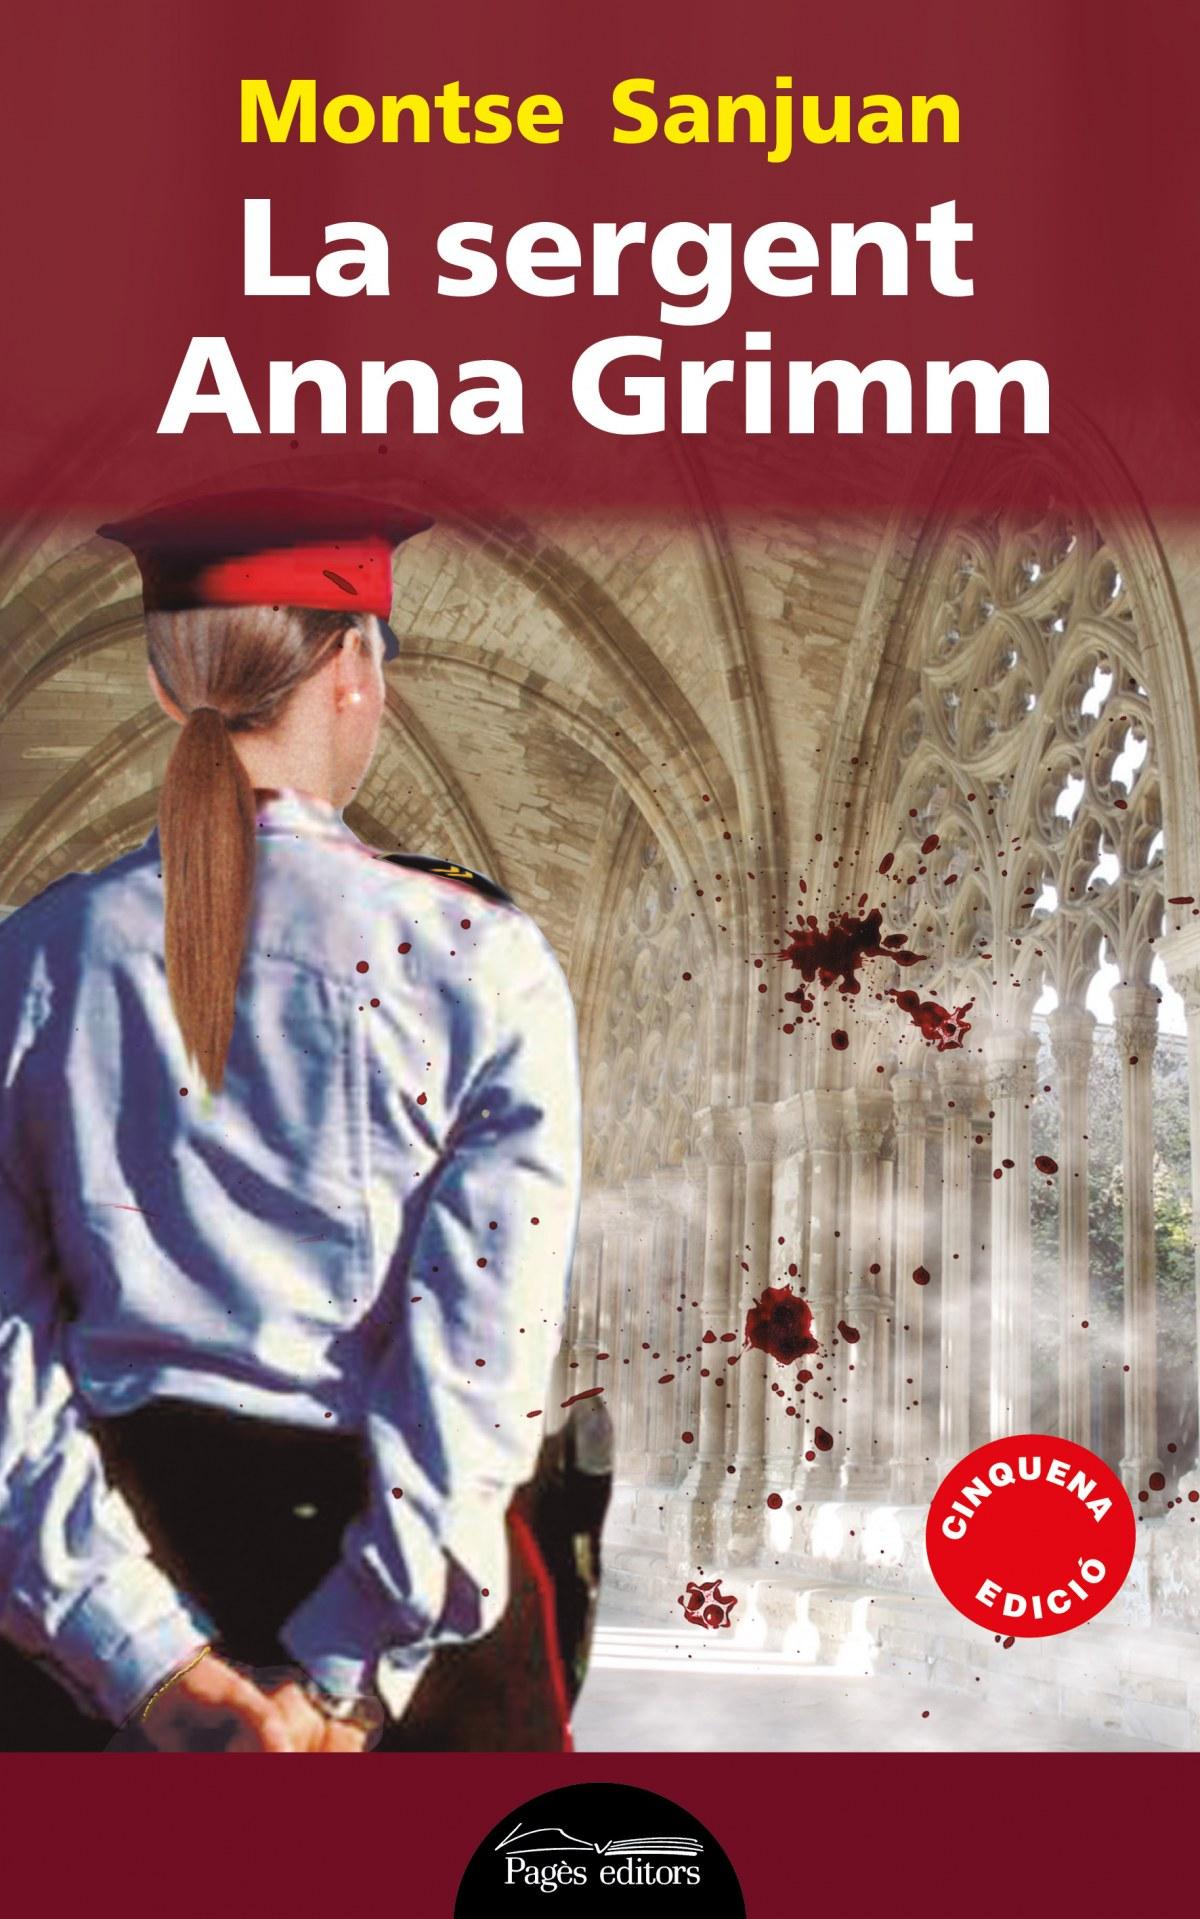 La sergent Anna Grimm 9788499754734